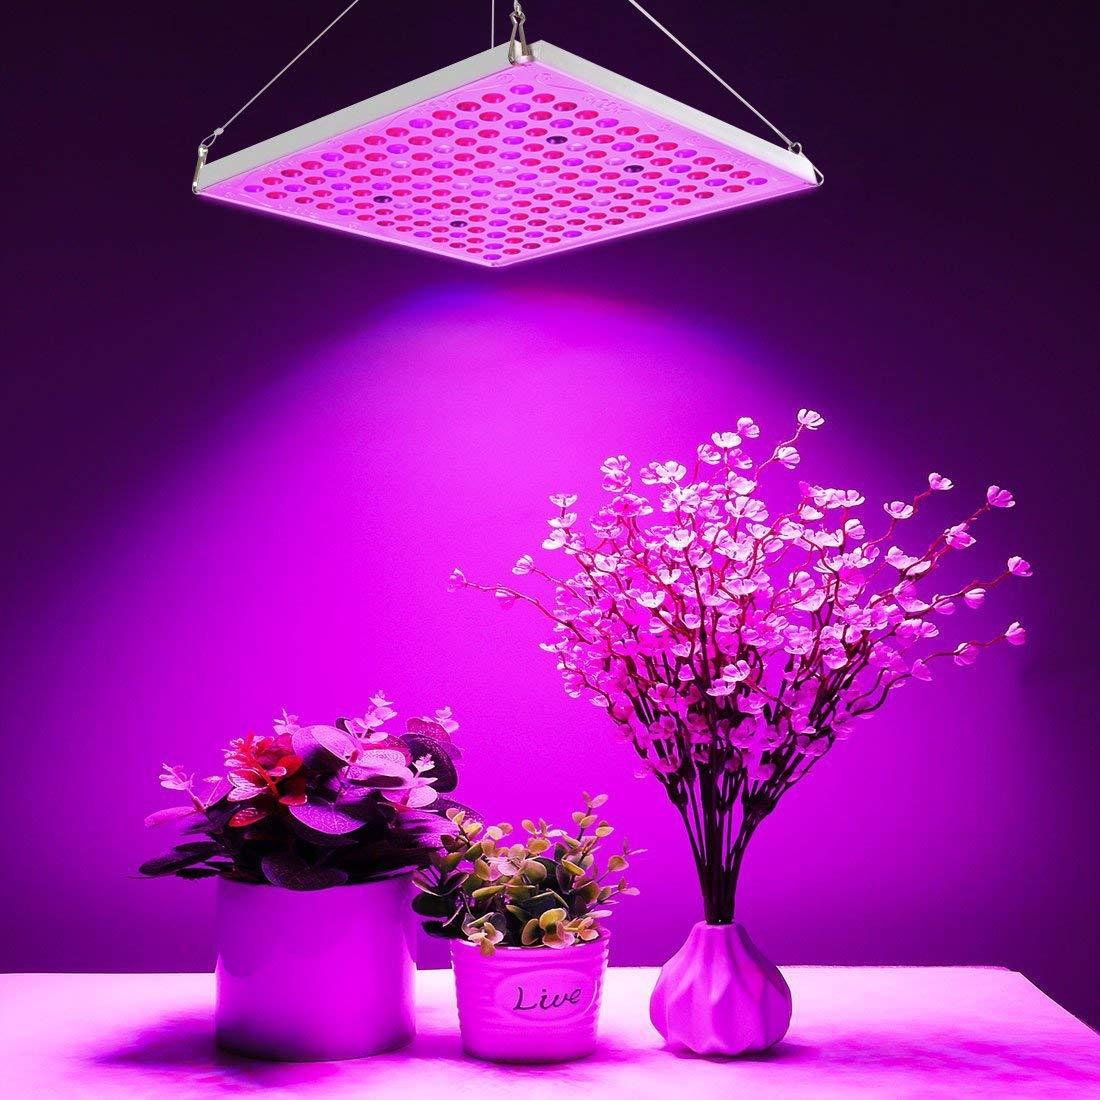 Led Trscqxhdb Plante Zone Lampe Meilleure La Pour RLq54Aj3